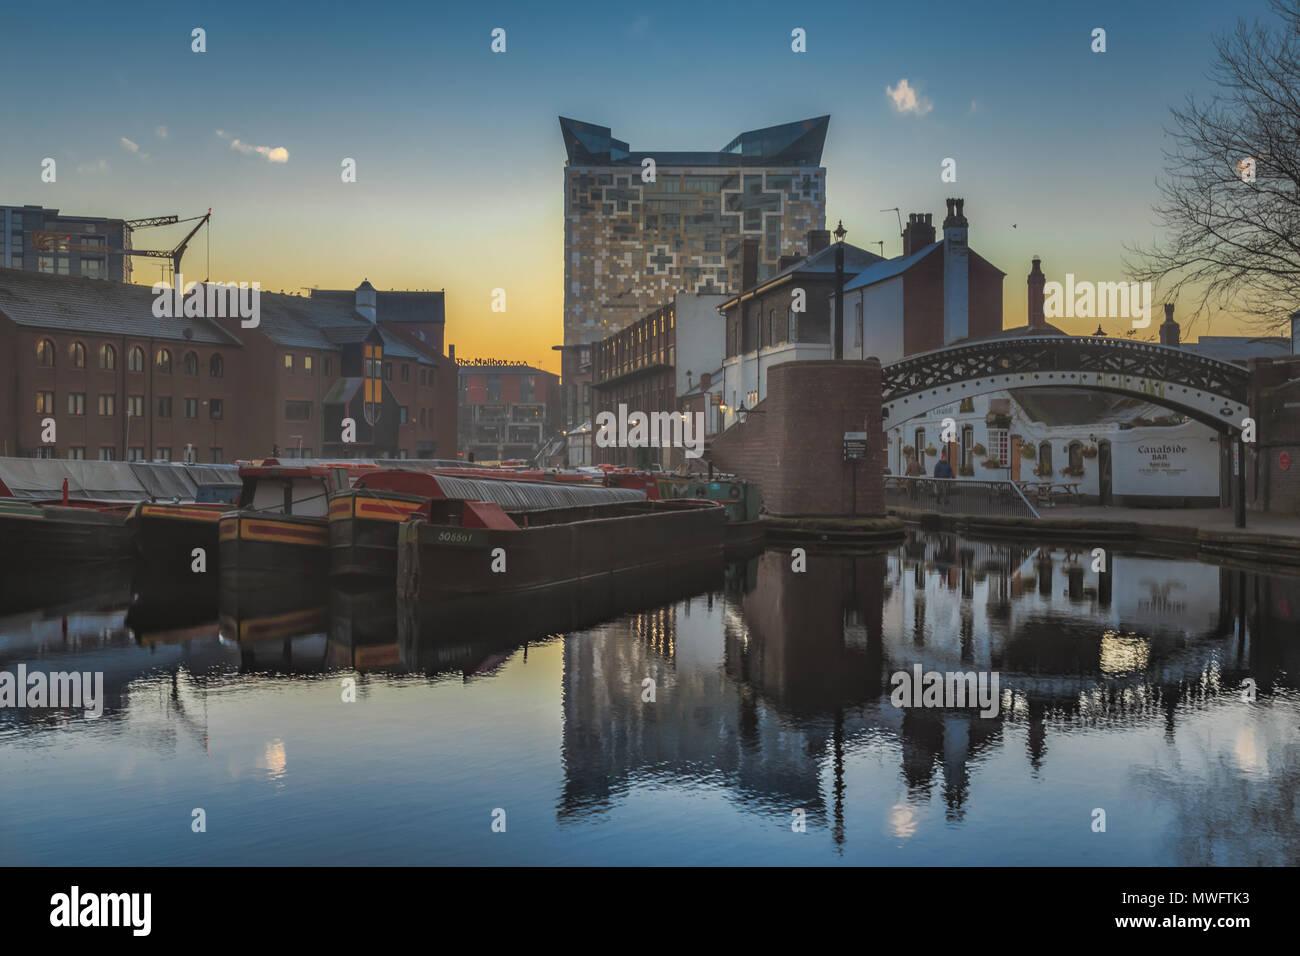 Sunrise on Gas Street Basin in Birmingham, UK - Stock Image